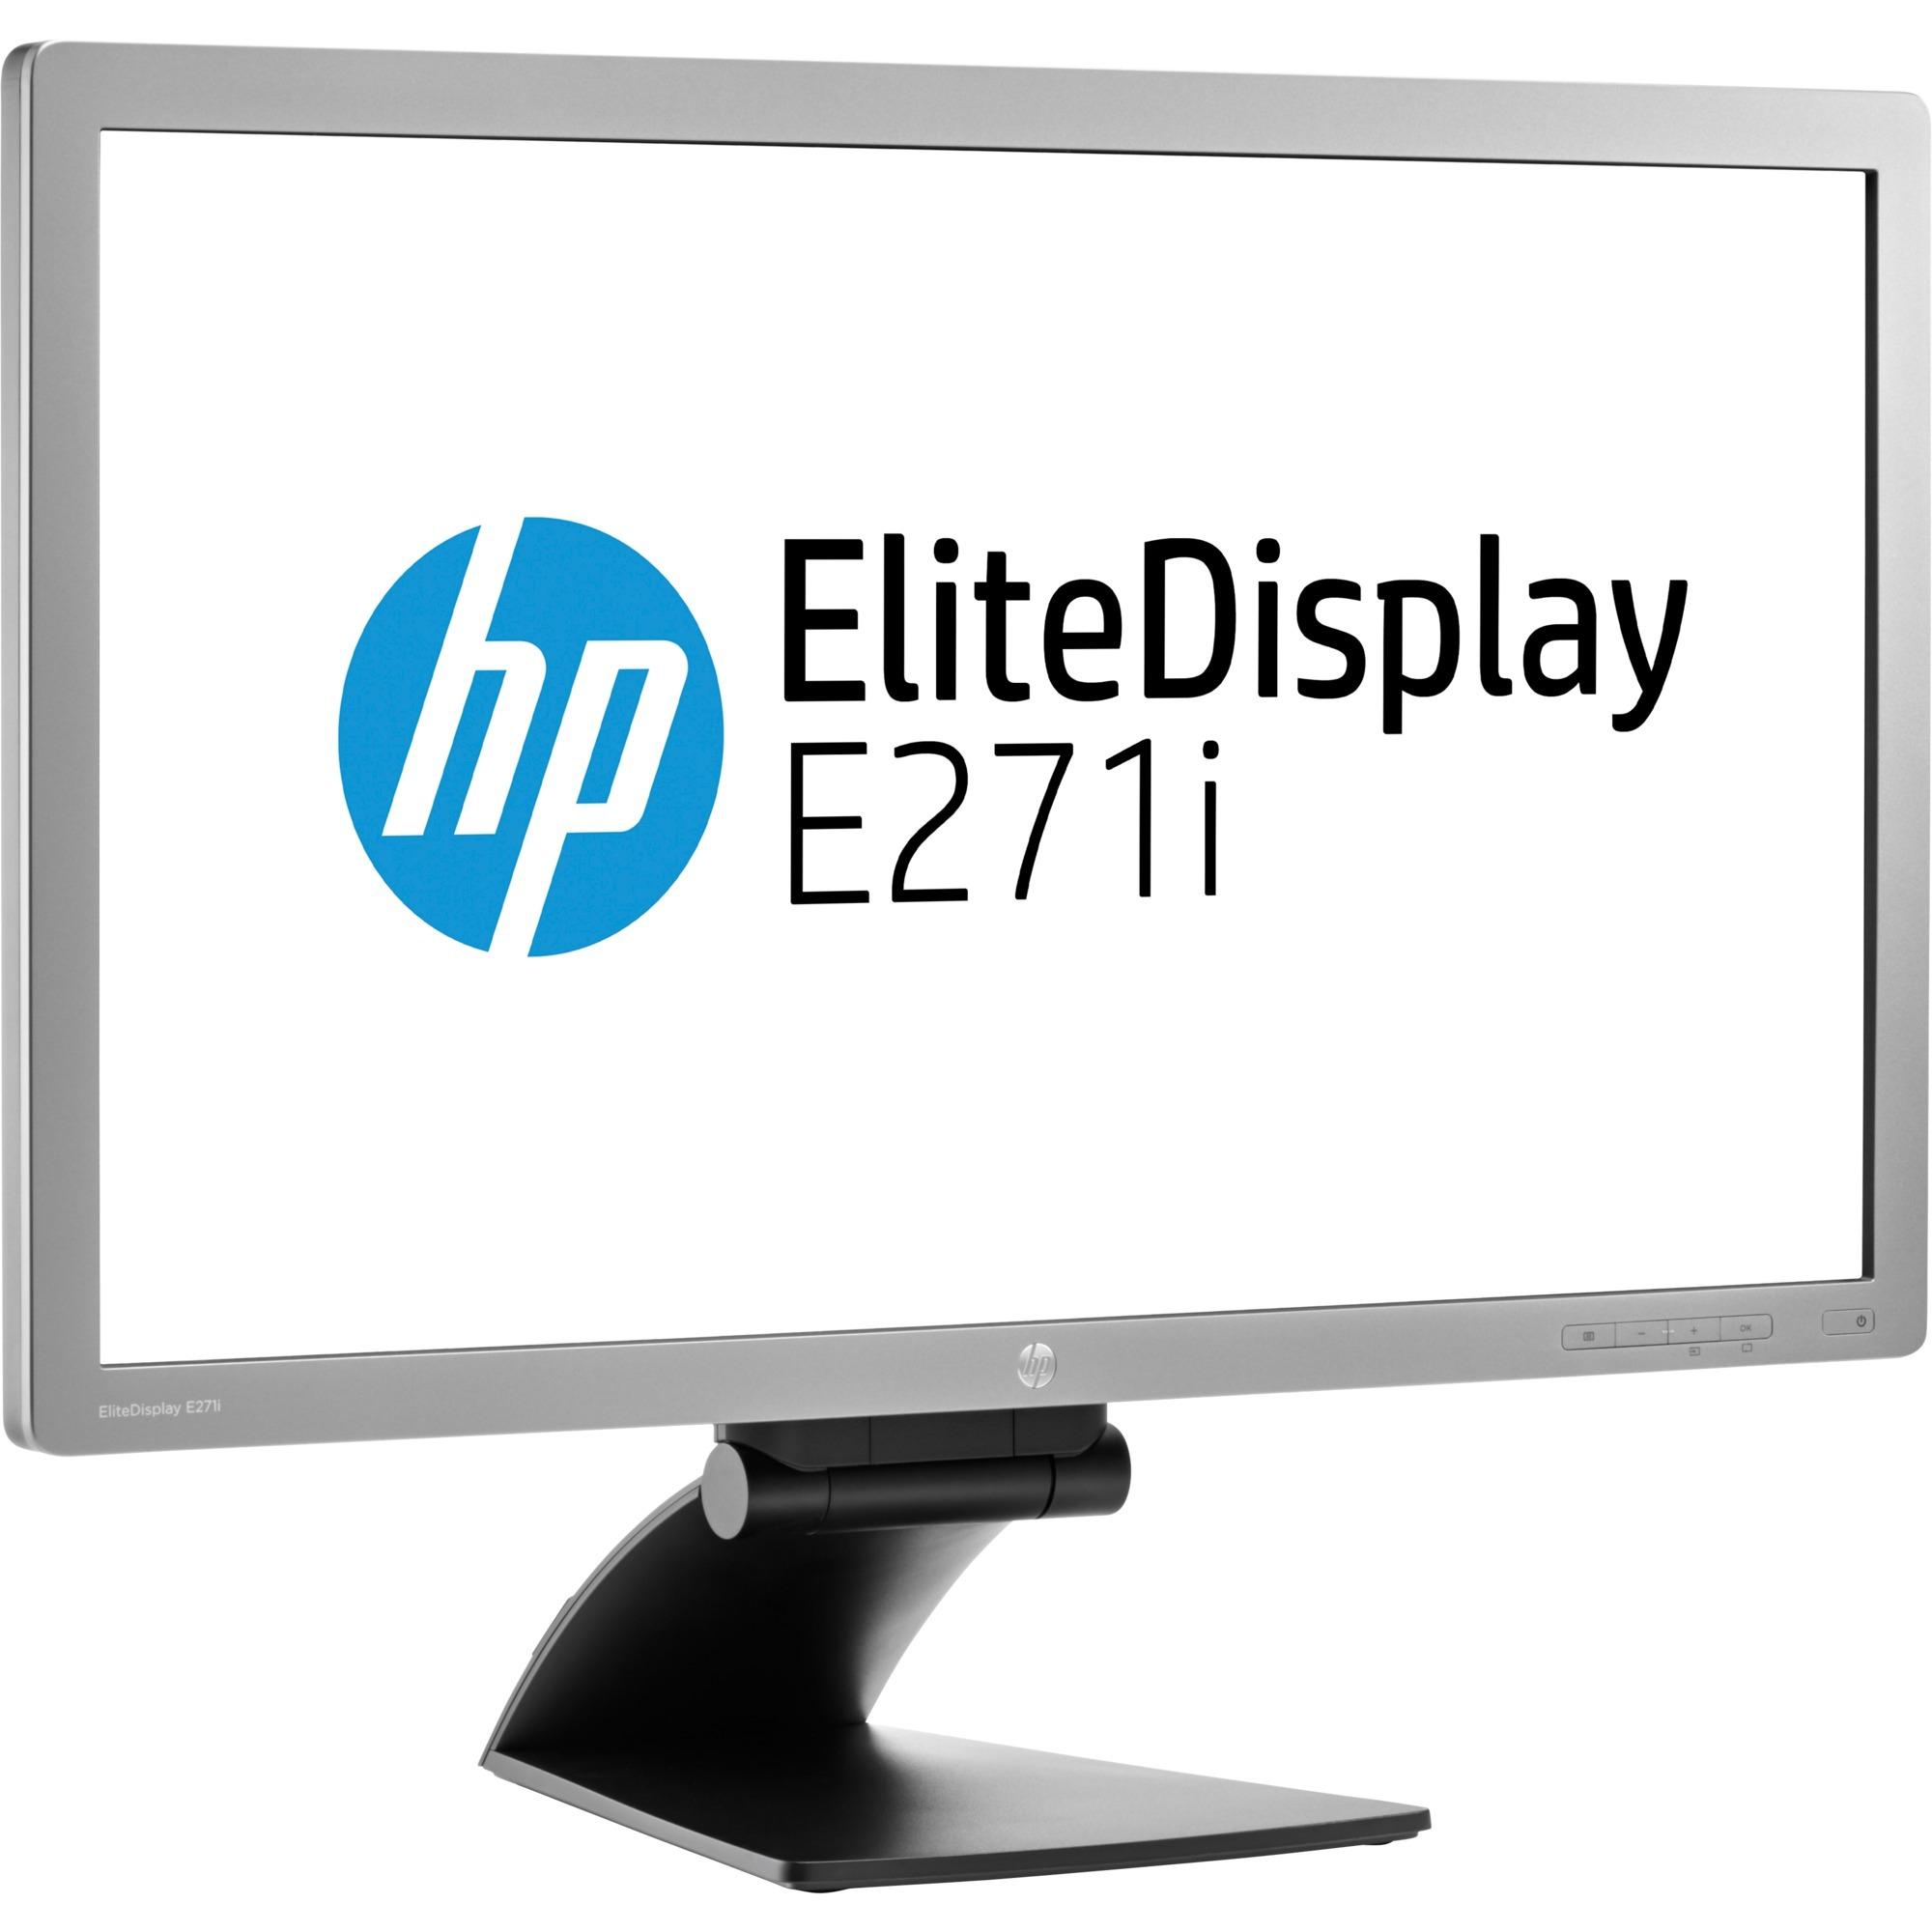 Moniteur IPS à rétroéclairage LED EliteDisplay E271i, 27 pouces, Moniteur LED